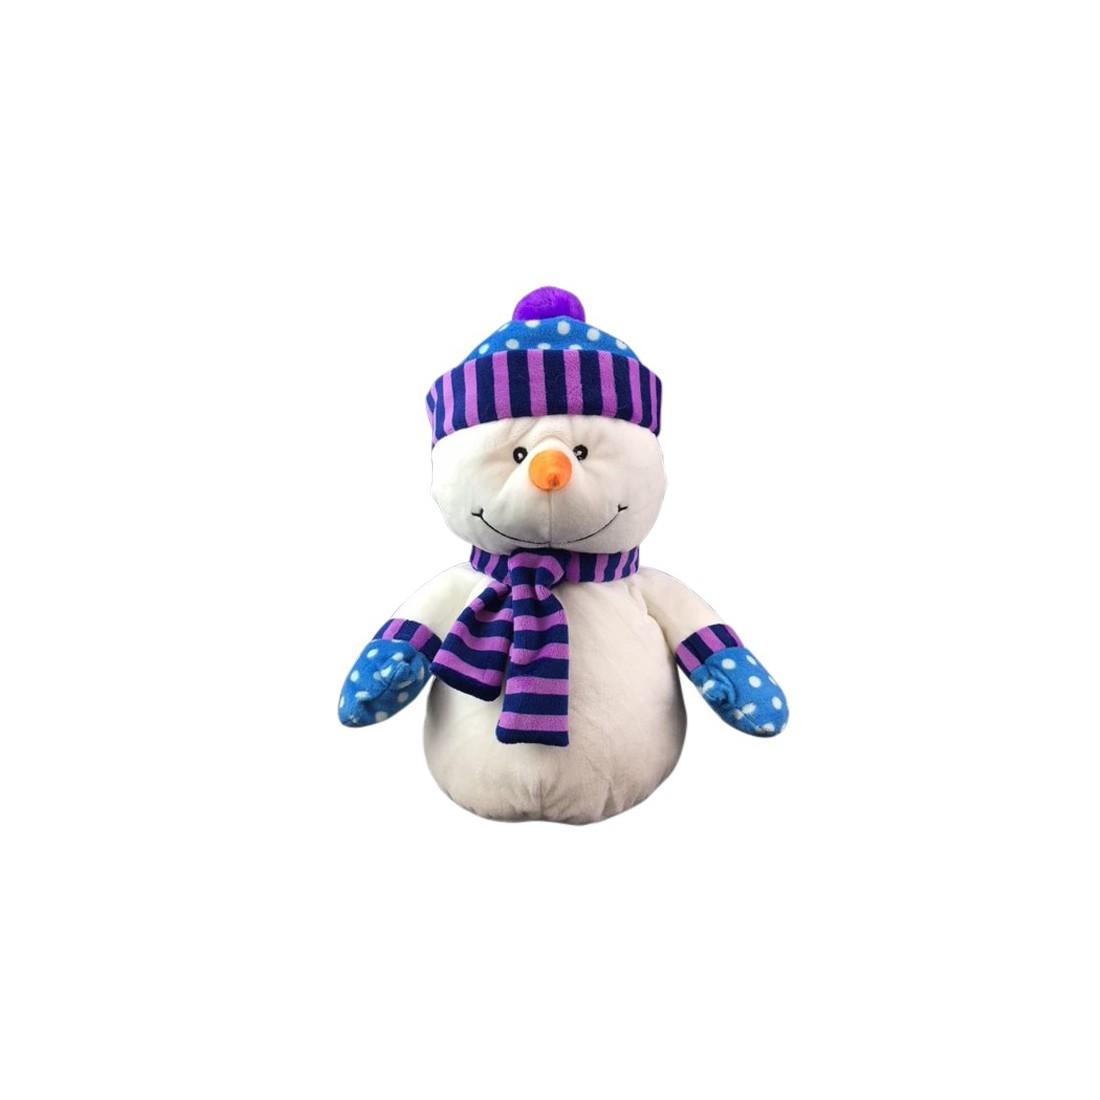 Mr Blizzard bohomme de neige  40 cm personnalisé